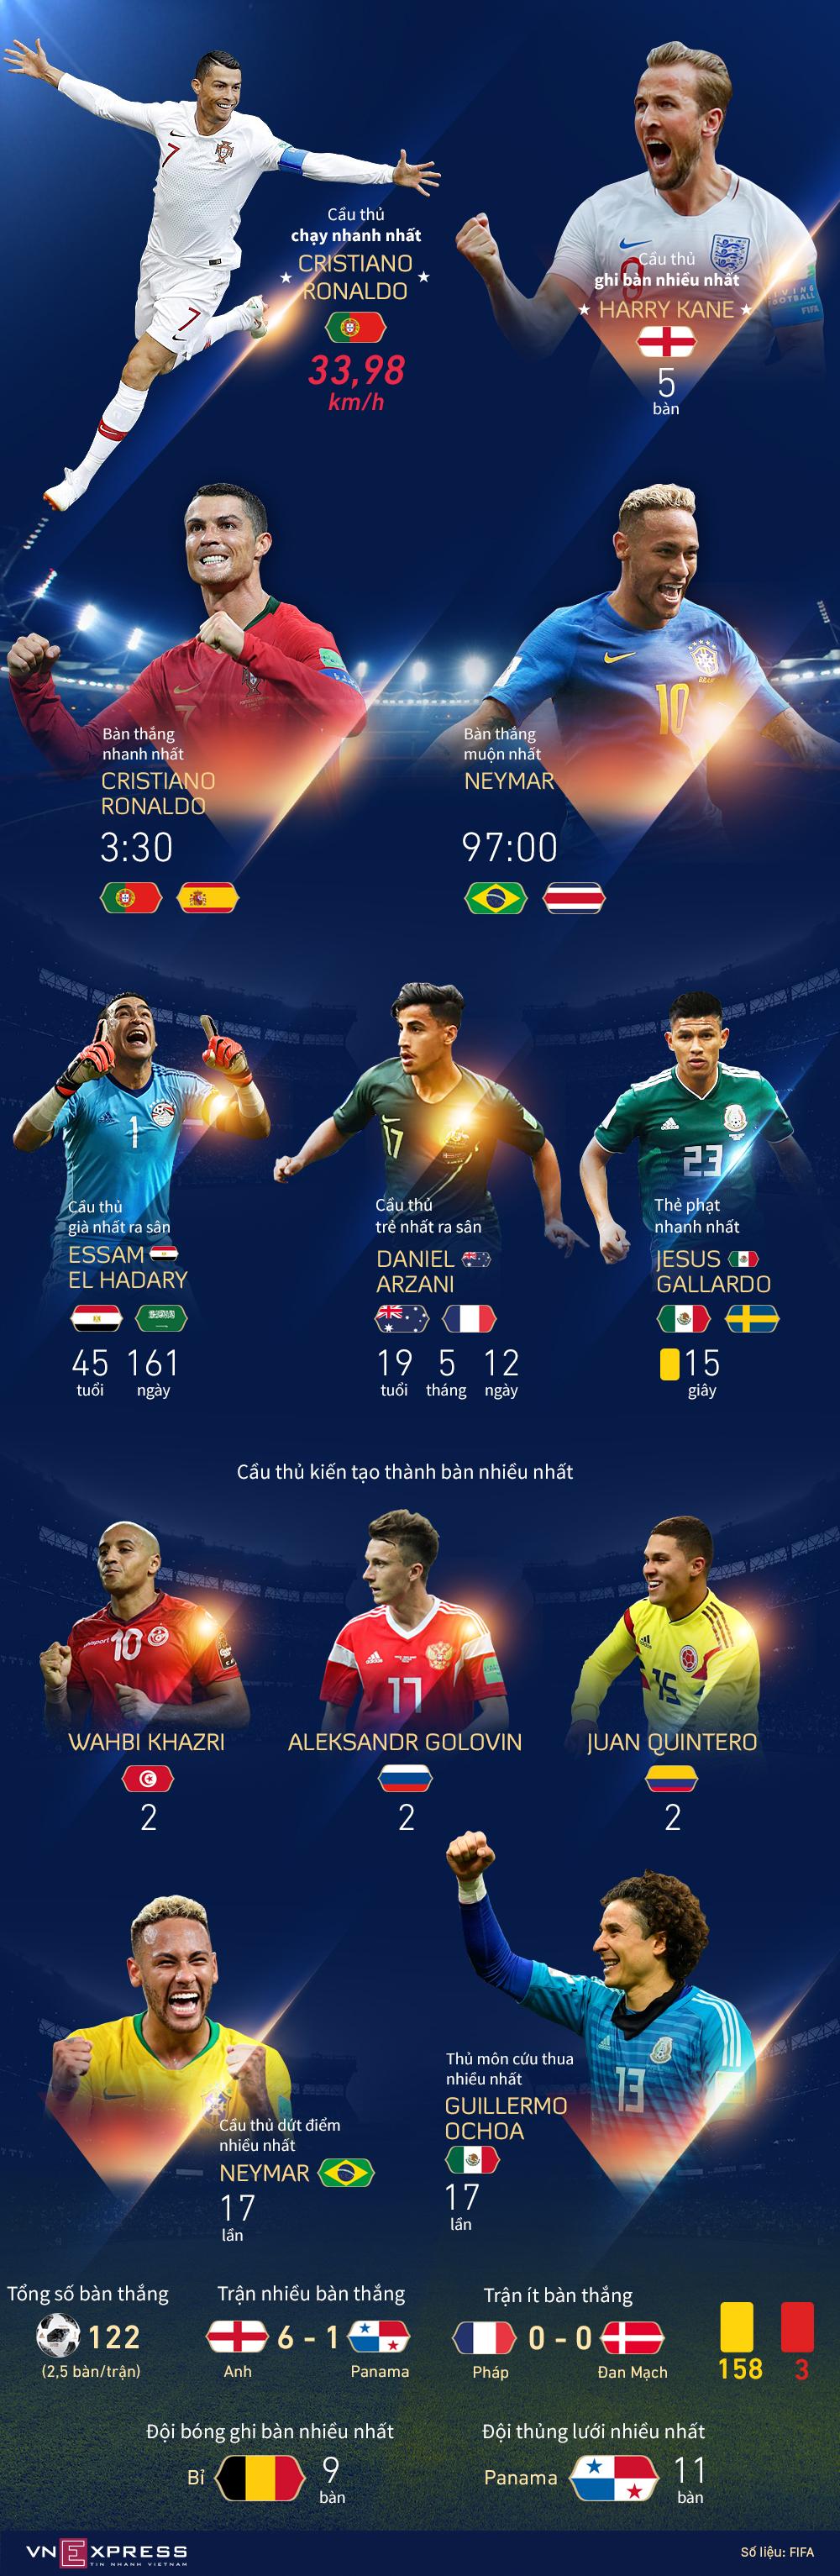 Những cái nhất ở vòng bảng World Cup 2018